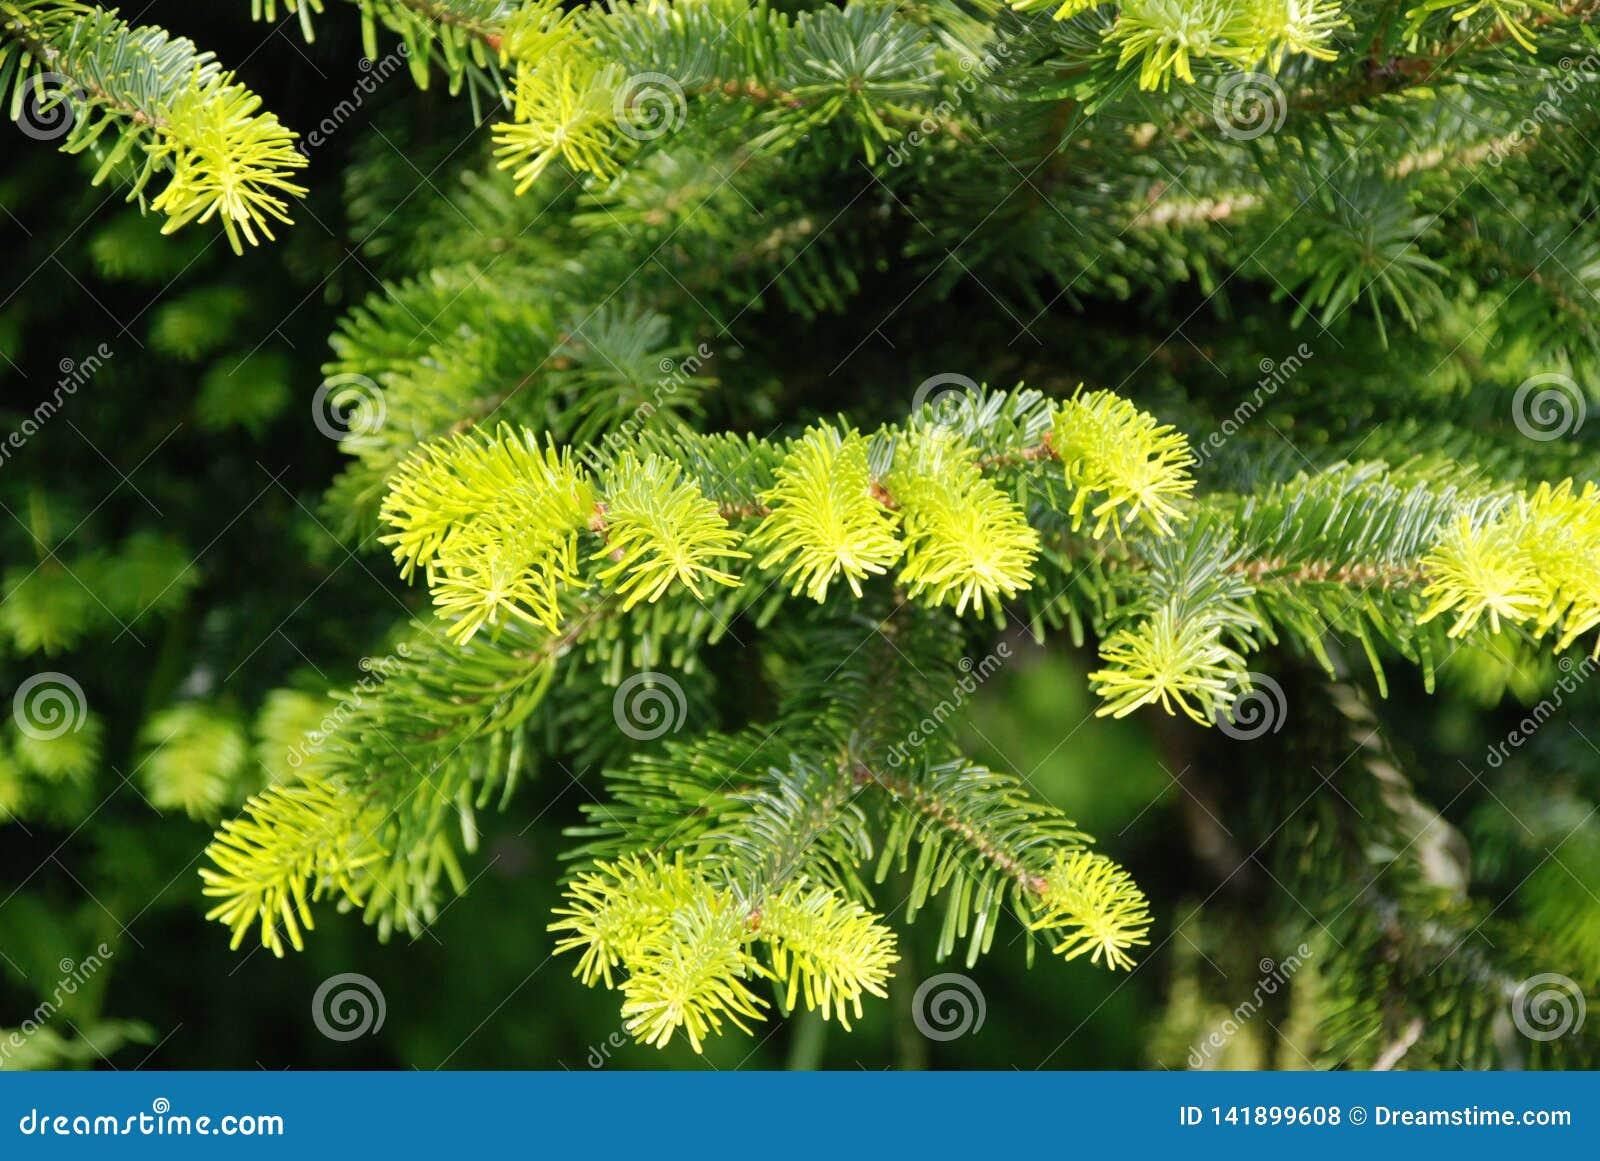 Aiguilles vertes fraîches sur l arbre de Noël